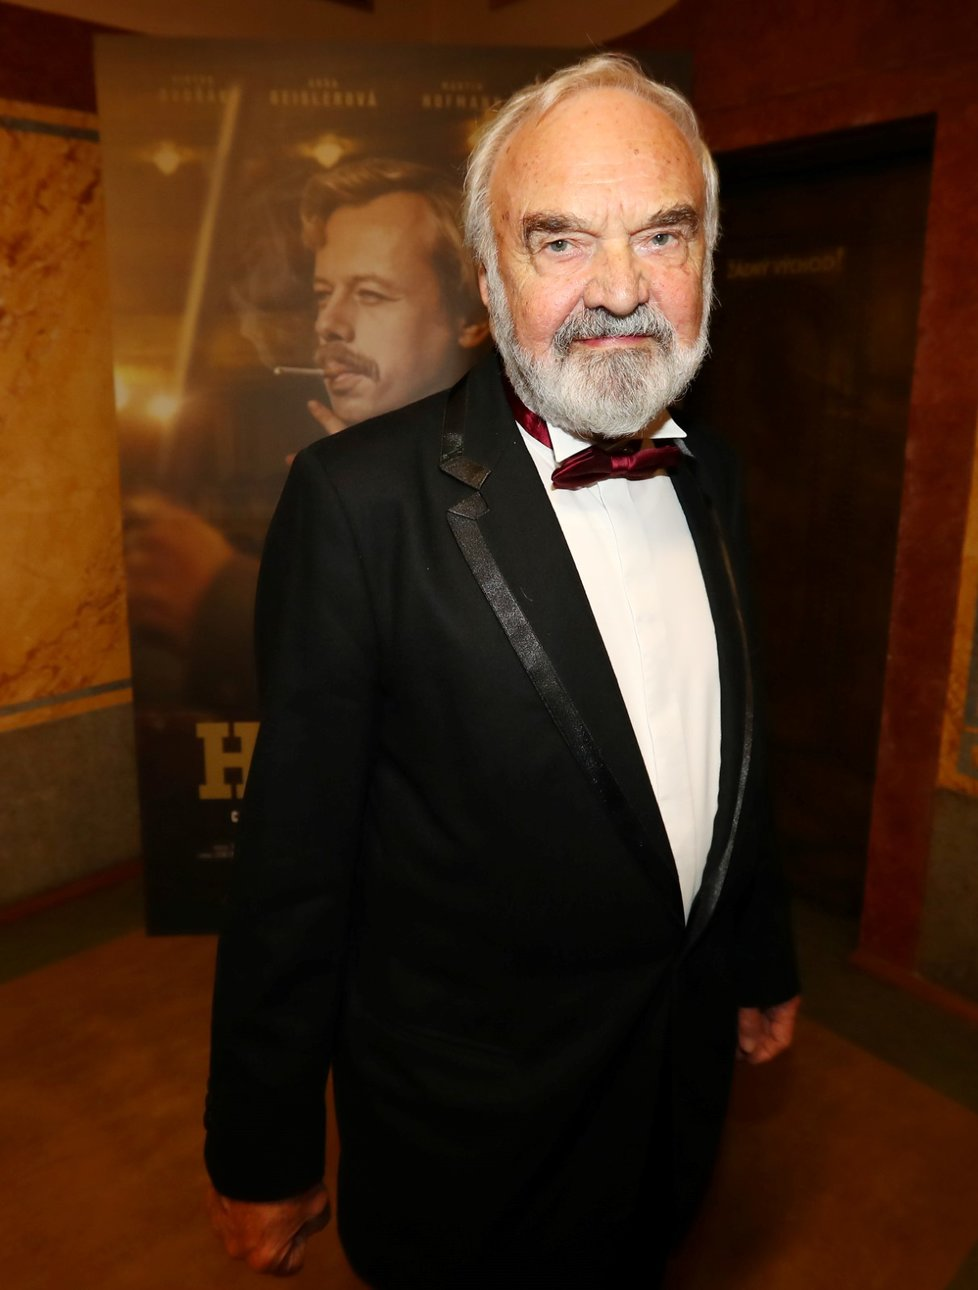 Zdeněk Svěrák na premiéře filmu Havel